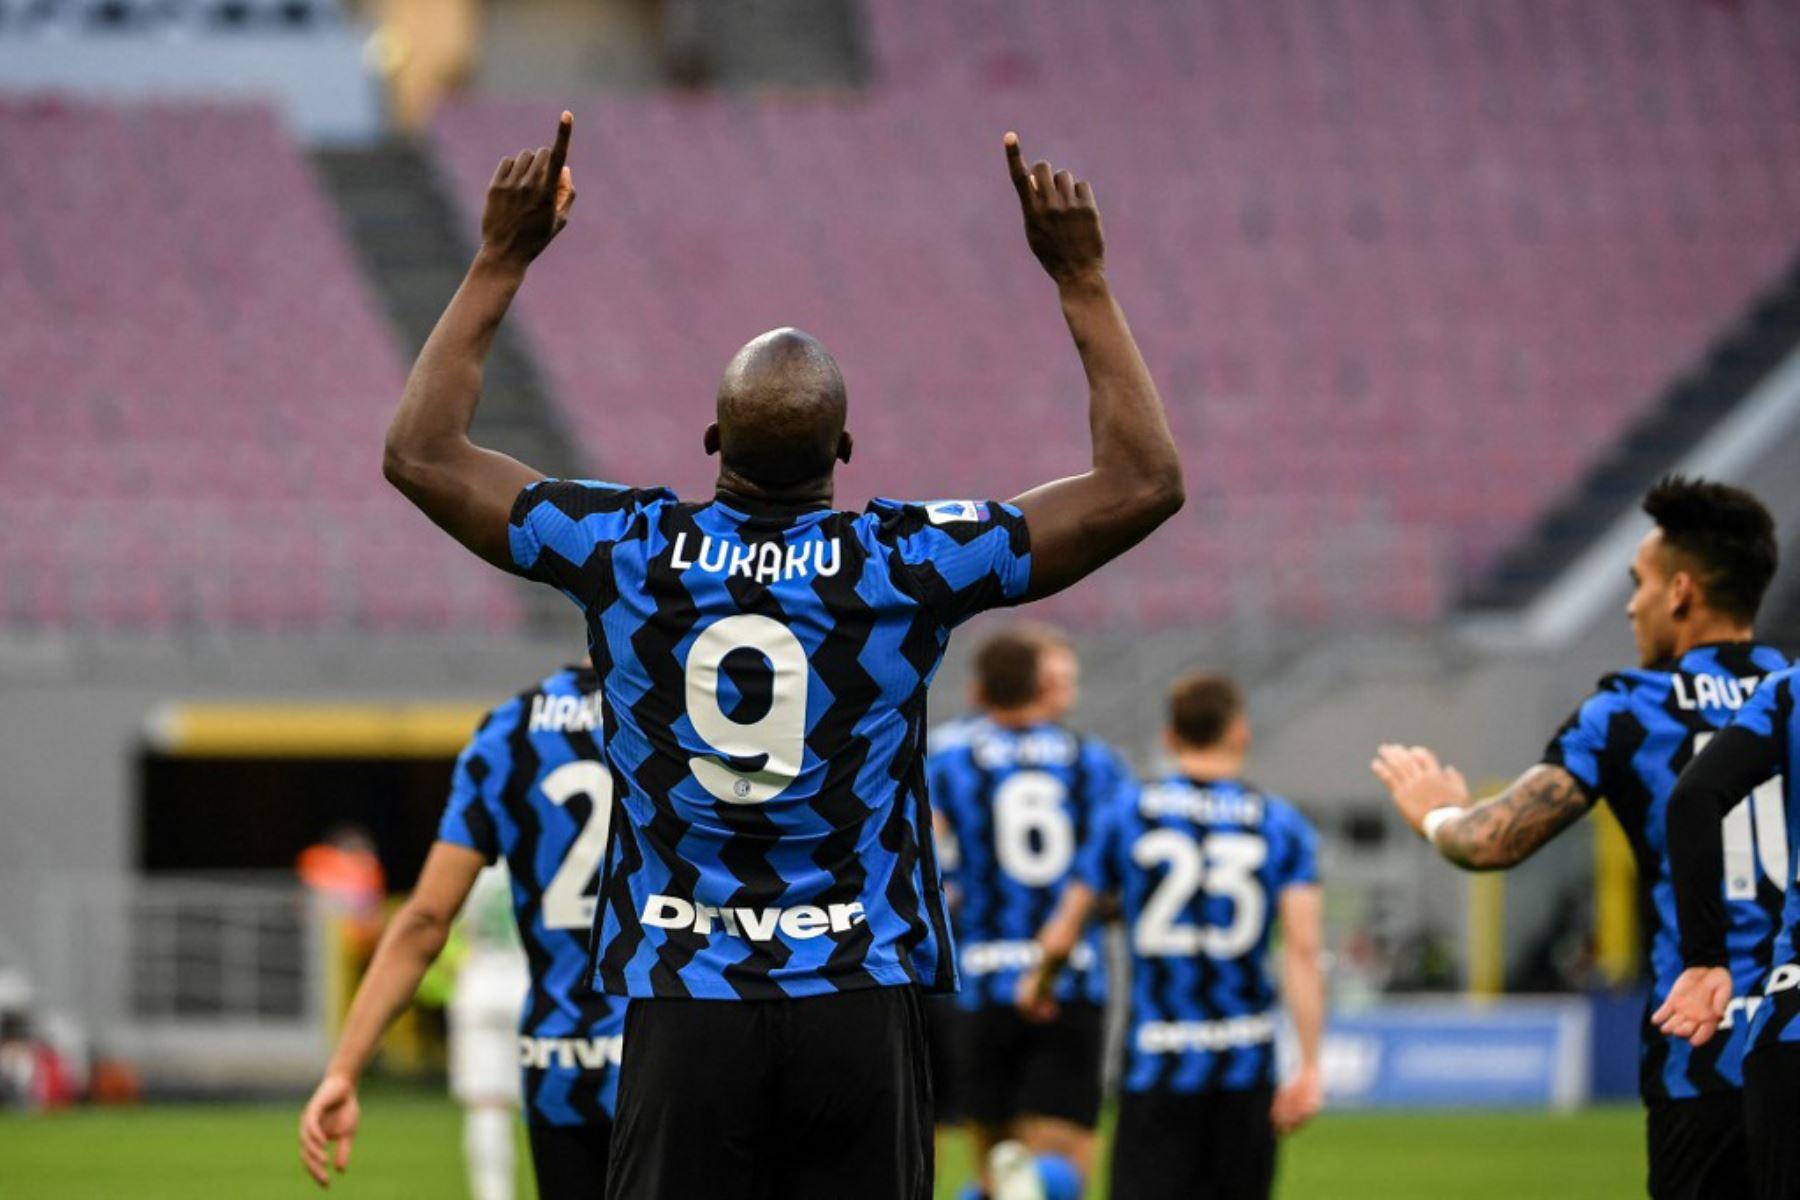 El delantero belga del Inter de Milán Romelu Lukaku celebra tras abrir el marcador durante el partido de fútbol de la Serie A italiana Inter de Milán vs Sassuolo.  Foto:AFP